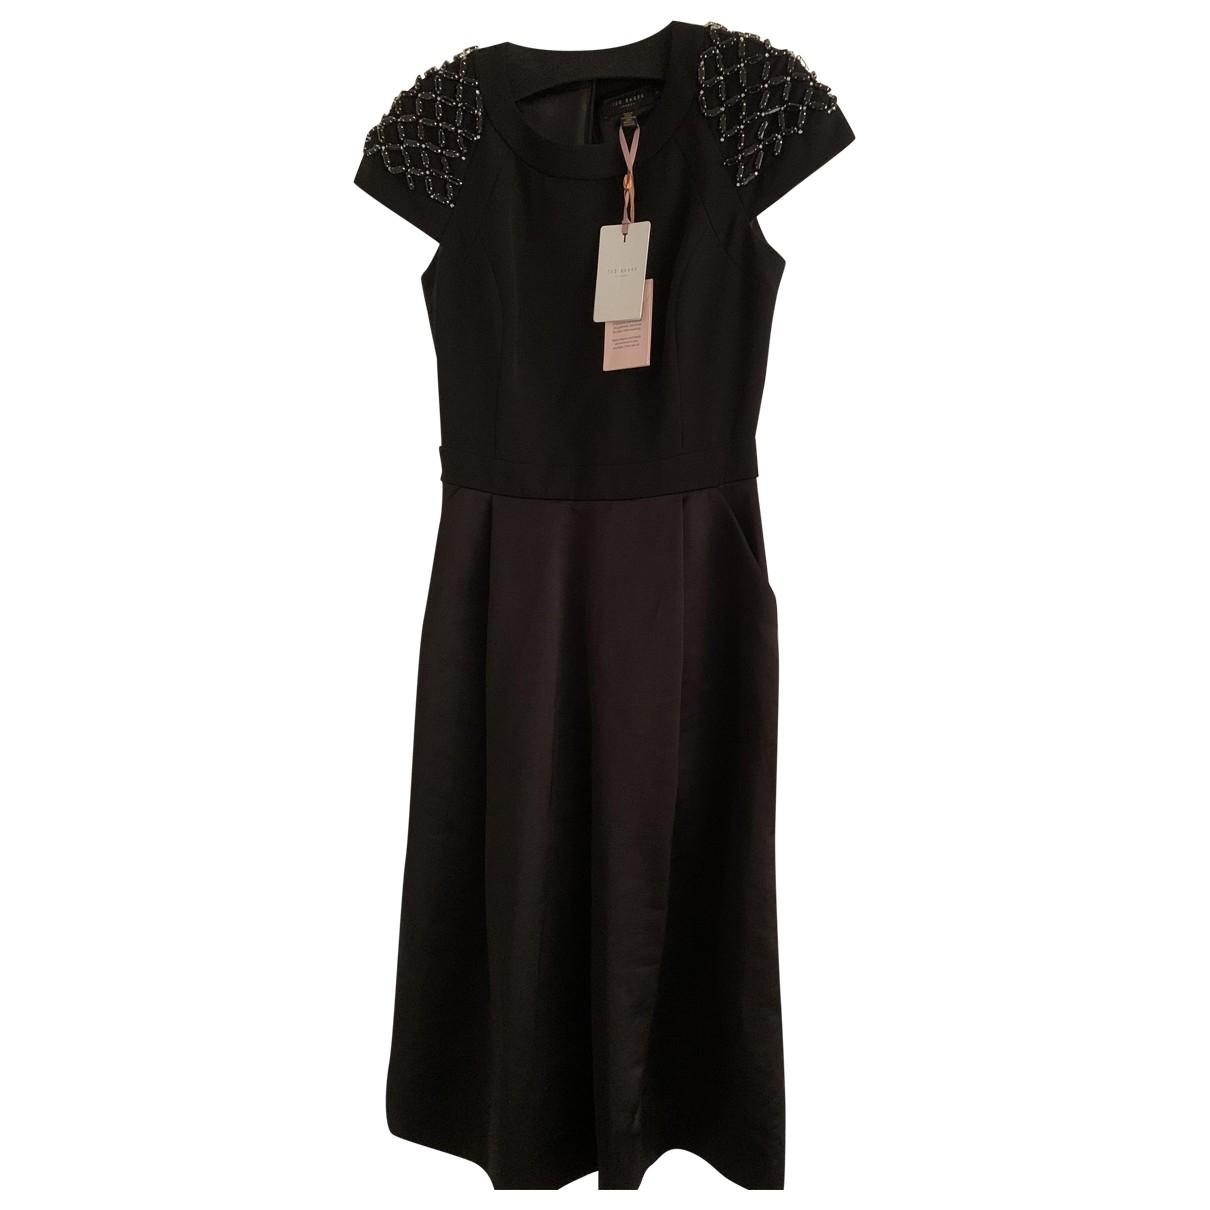 Ted Baker \N Black Cotton - elasthane dress for Women 8 UK